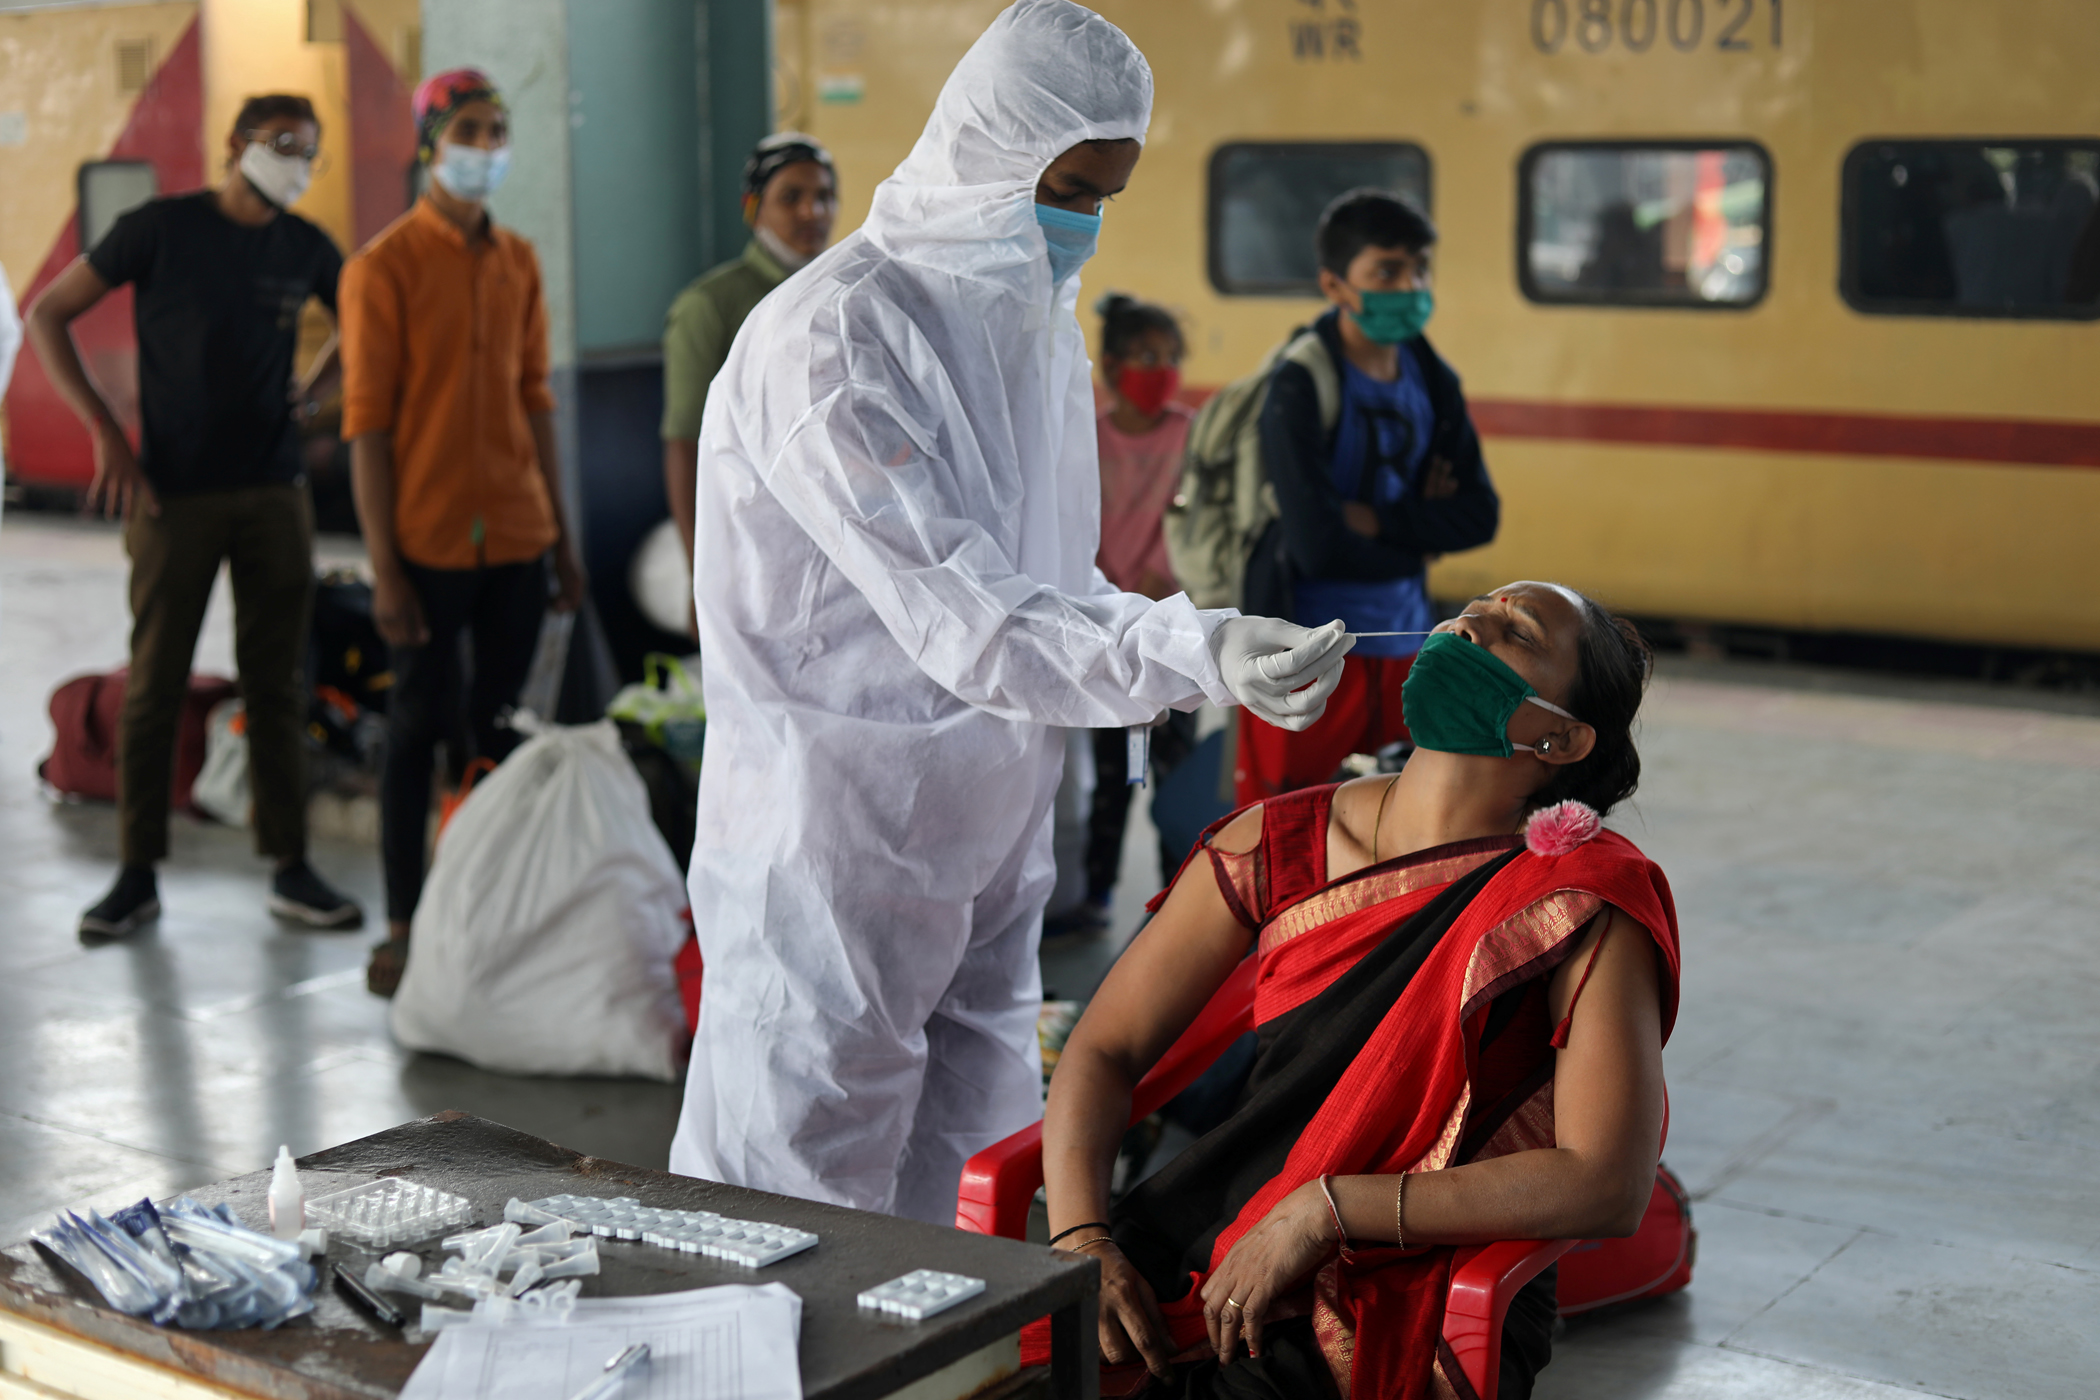 Ινδία: 12.881 κρούσματα κορονοϊού σε μια μέρα